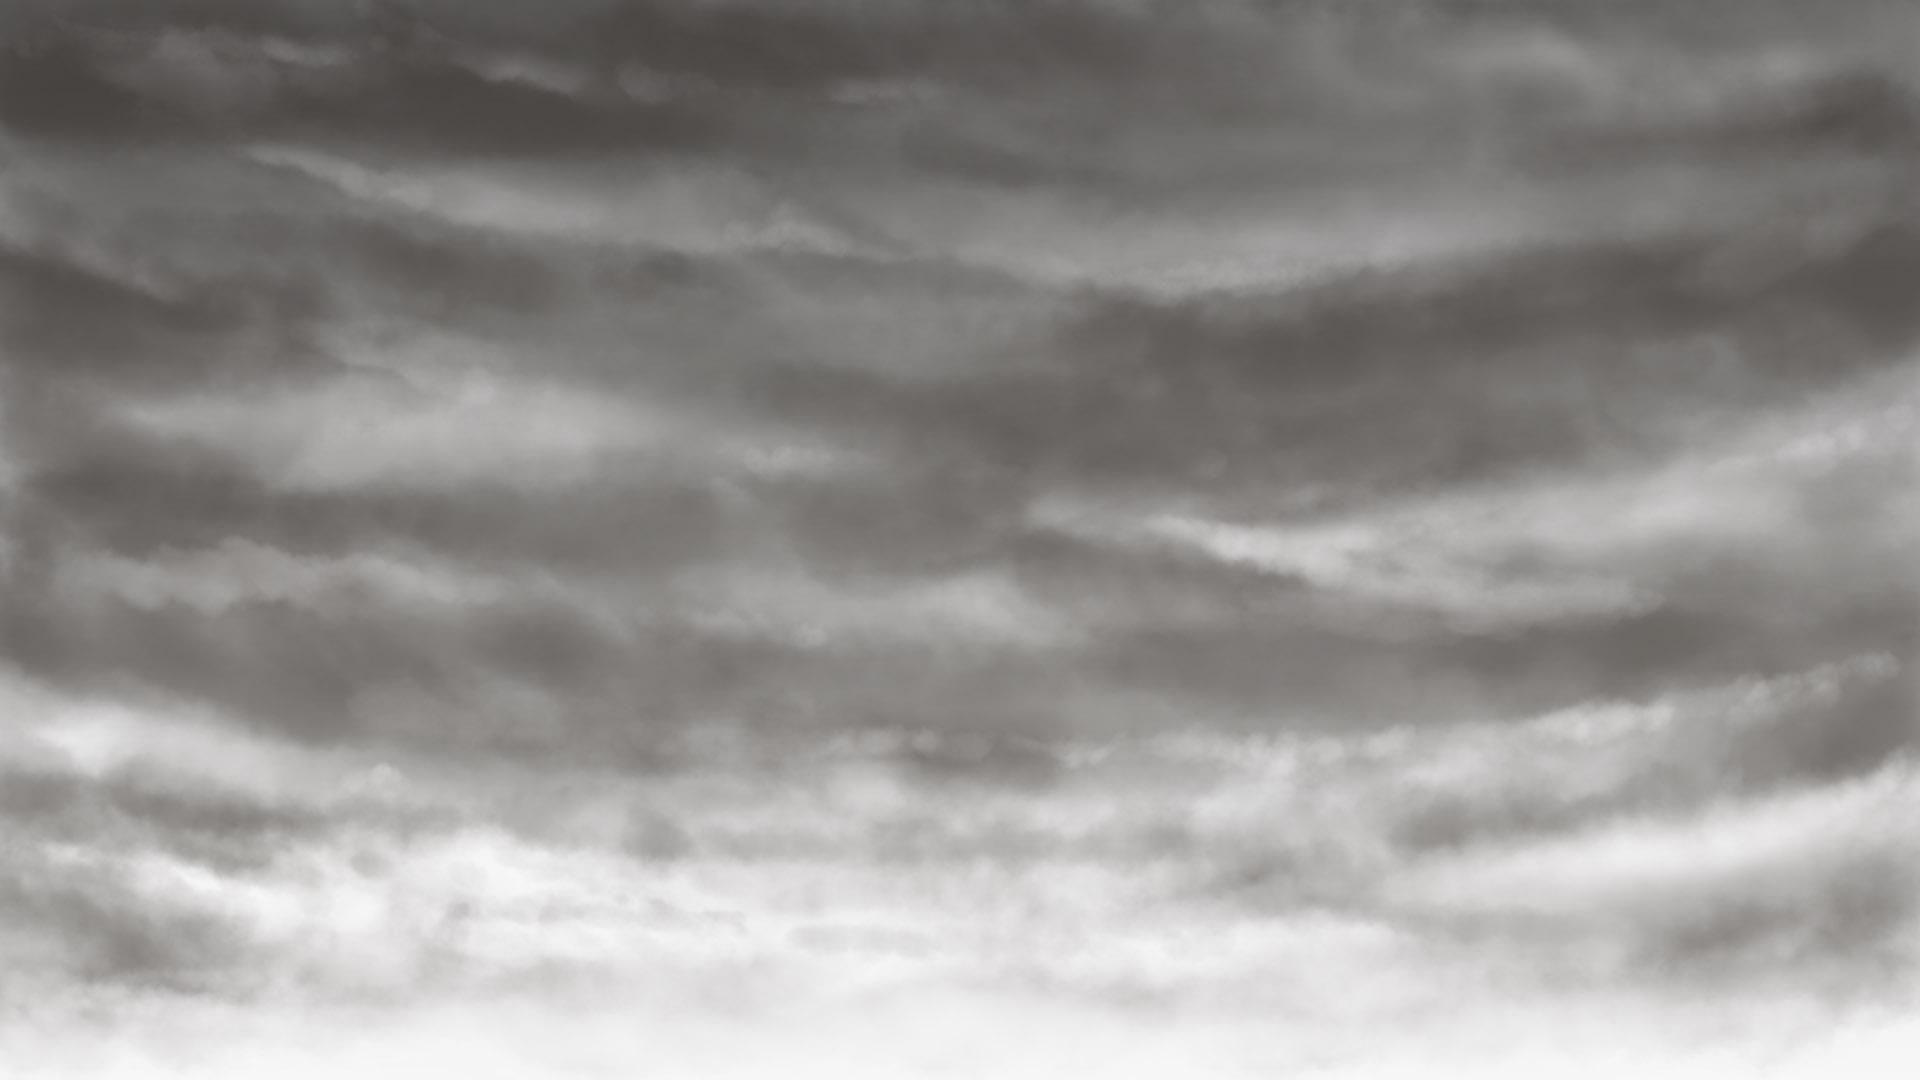 曇り空1920*1080